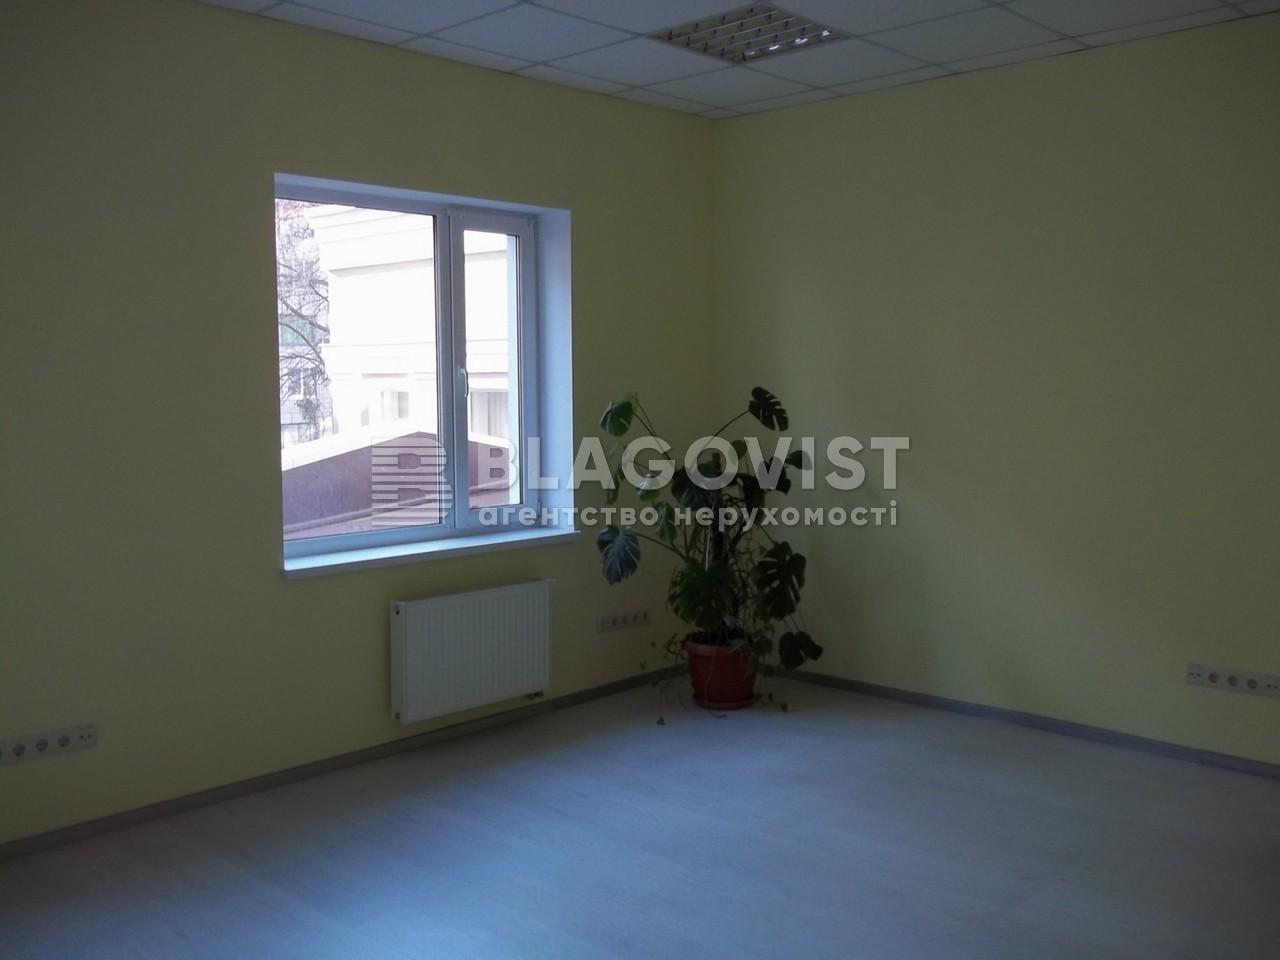 Нежилое помещение, H-43841, Тютюнника Василия (Барбюса Анри), Киев - Фото 7